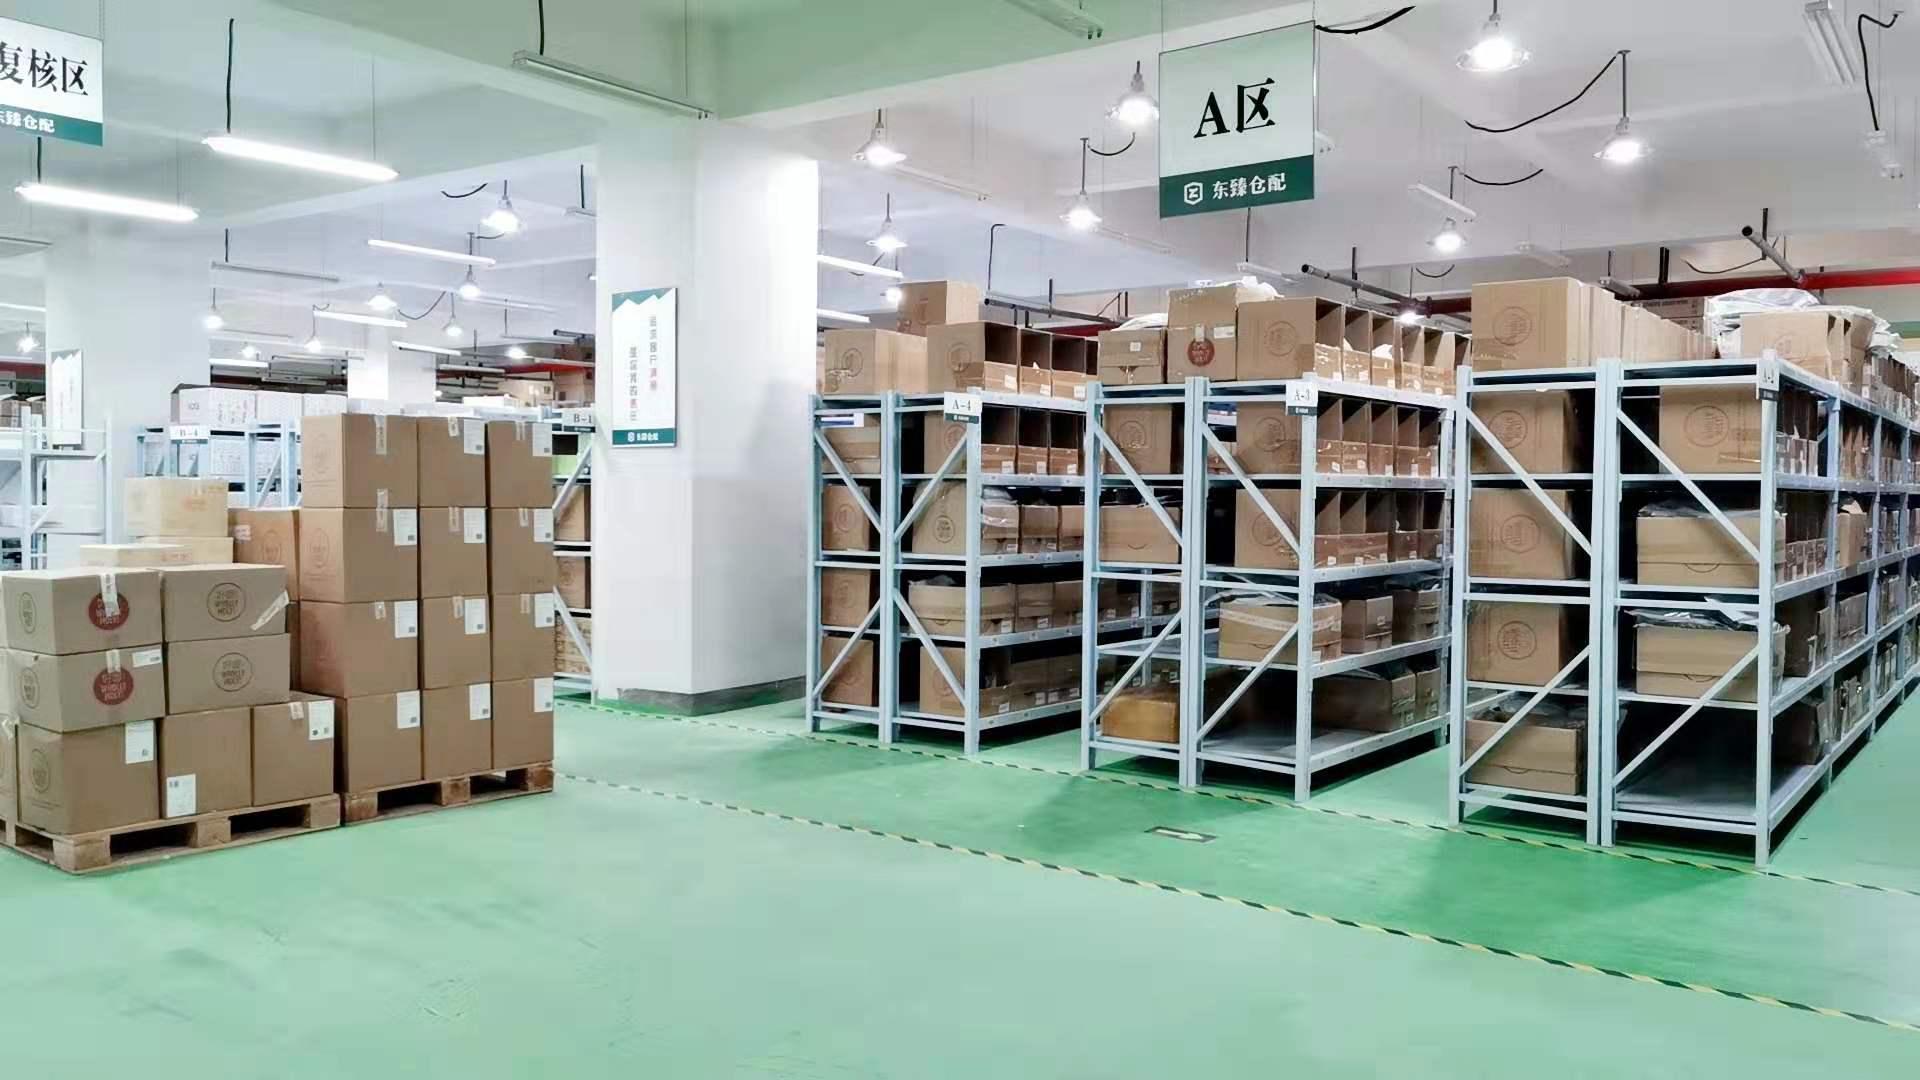 东臻与你分享:如何判断一家第三方仓储公司的服务效率